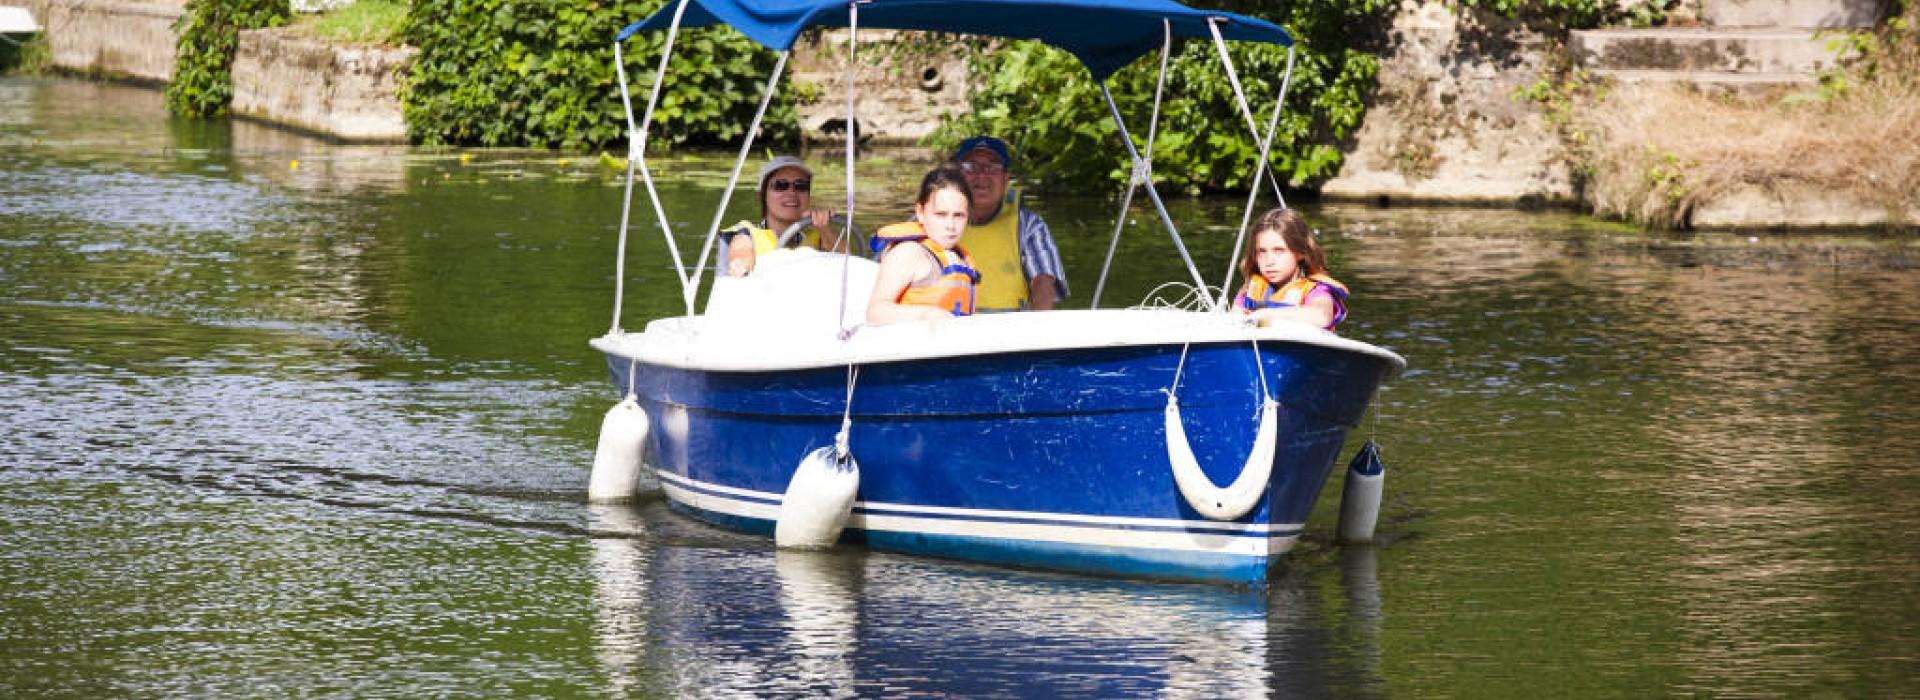 aventure nautique location de bateaux sans permis a malicorne sur sarthe autour de l 39 eau en. Black Bedroom Furniture Sets. Home Design Ideas